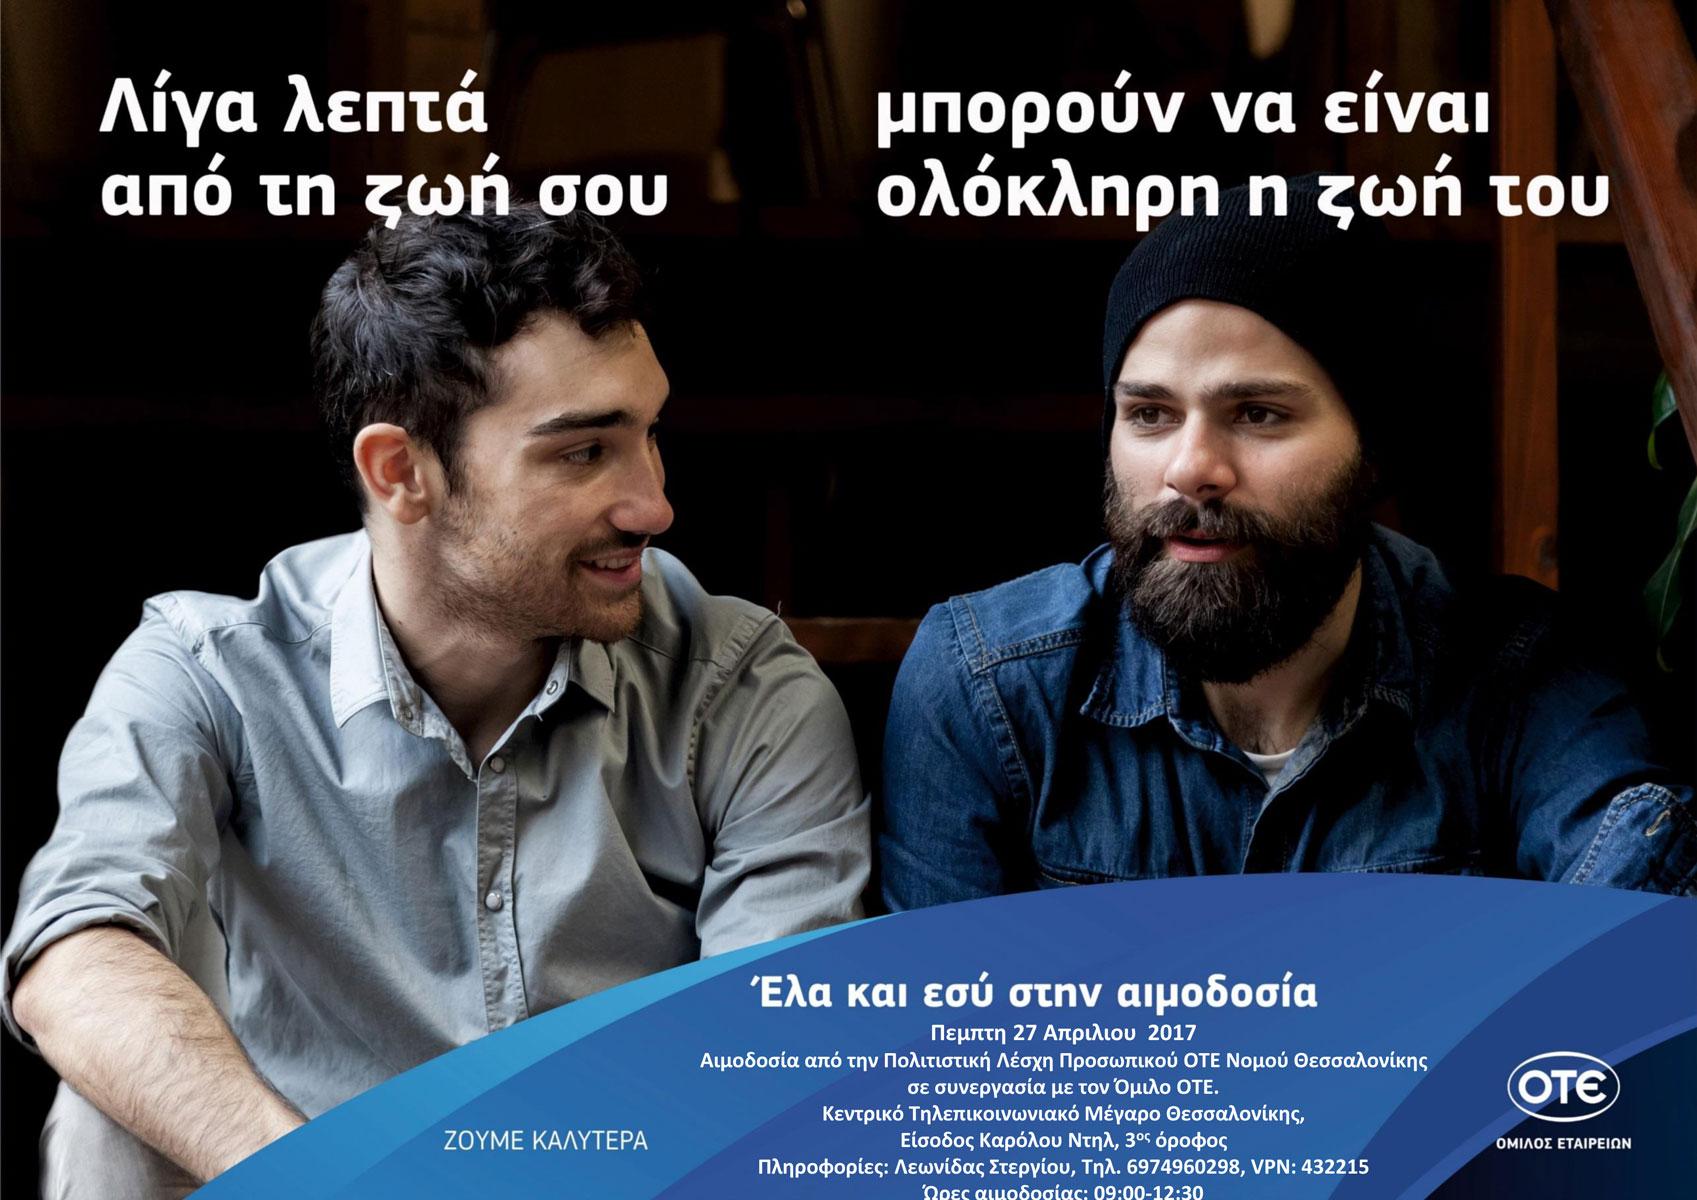 Εθελοντική αιμοδοσία Λέσχης ΟΤΕ Θεσσαλονίκης 27-04-2017